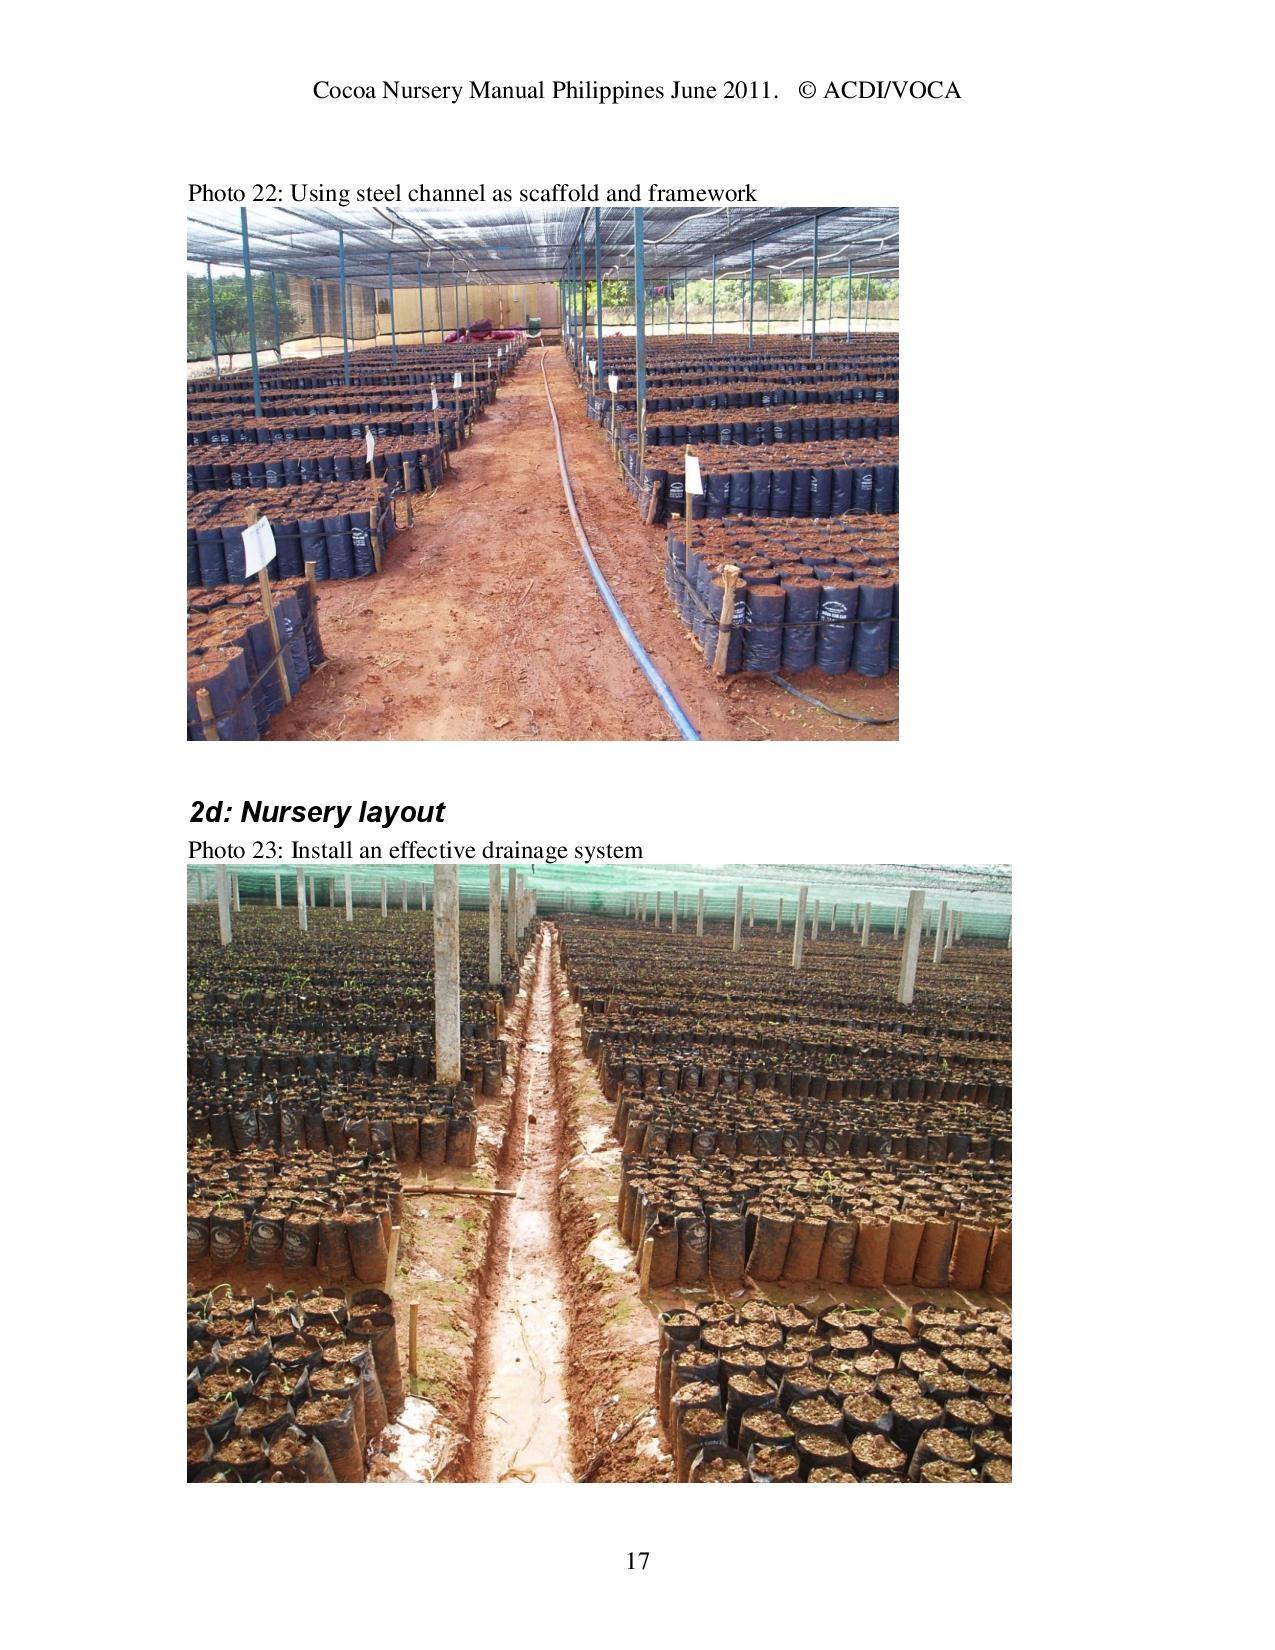 Cocoa-Nursery-Manual-2011_acdi-voca-page-017